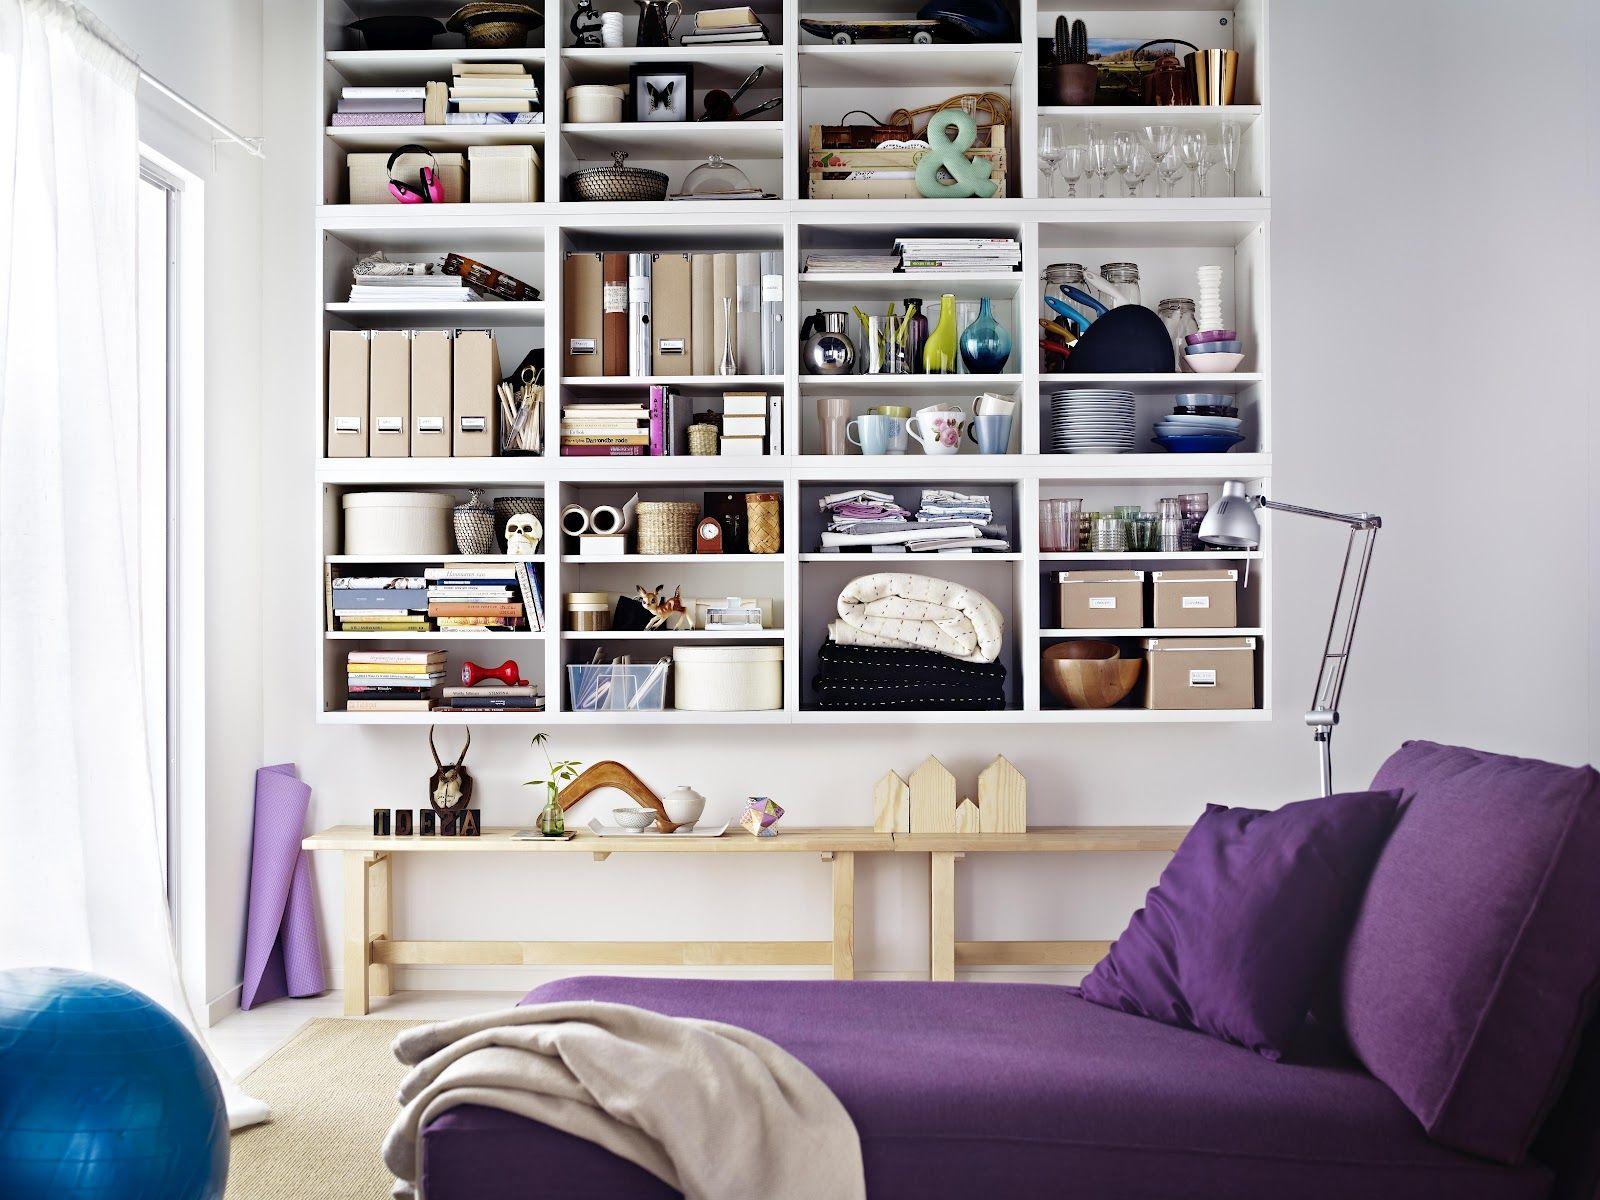 Bedroom Designer Tool Wall Of Box Shelves  Home Decor  Pinterest  Box Shelves